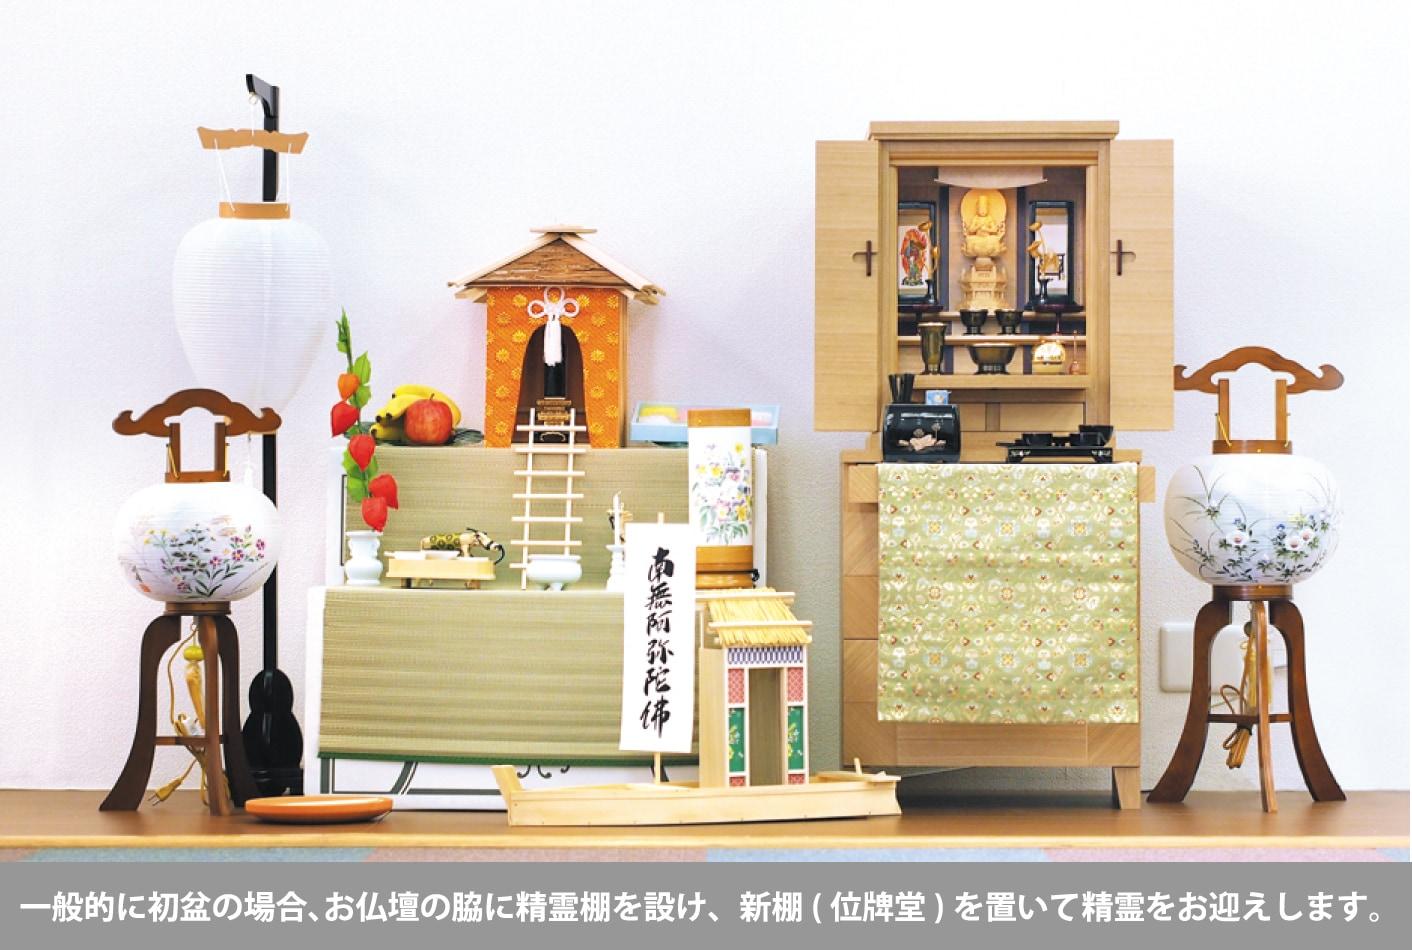 一般的に初盆の場合、お仏壇の脇に精霊棚を設け、新棚(位牌堂)を置いて新霊をお迎えします。